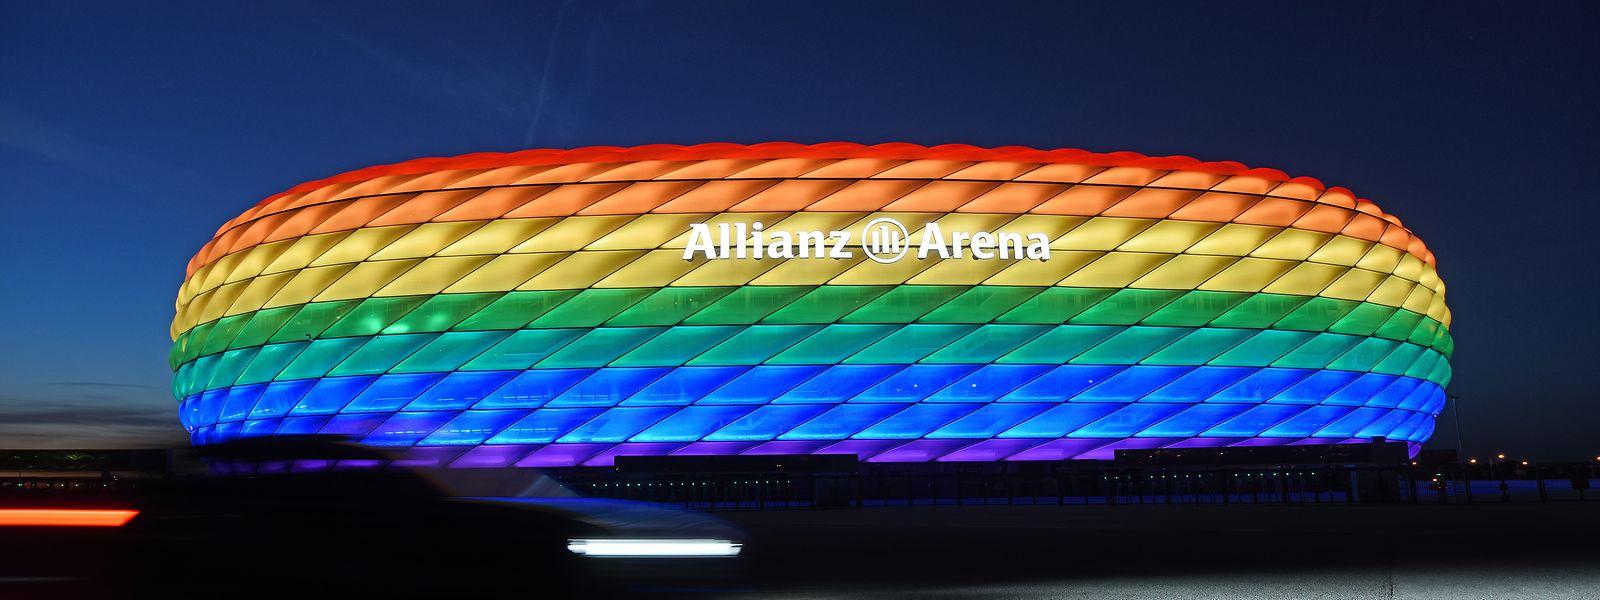 So hätte es aussehen können: Die Hülle der Allianz Arena leuchtet anlässlich des Christopher Street Days 2020 in Regenbogenfarben.